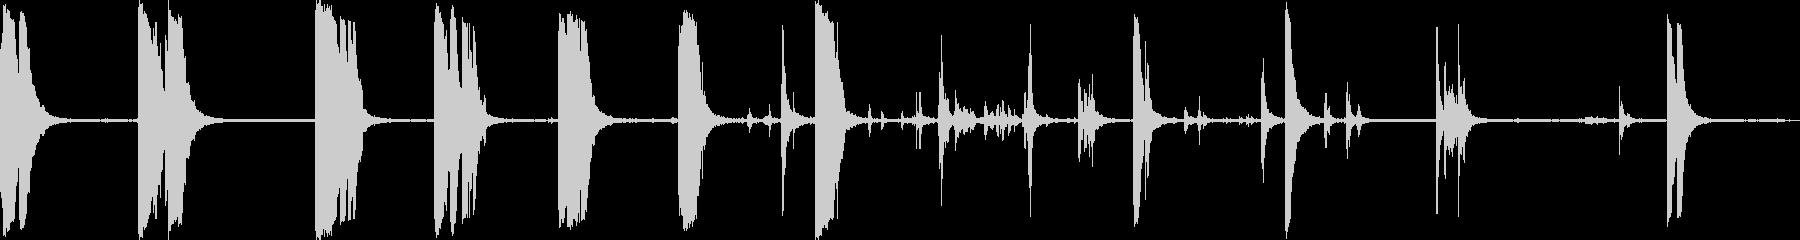 メタルドロップ大型クレセントレンチの未再生の波形